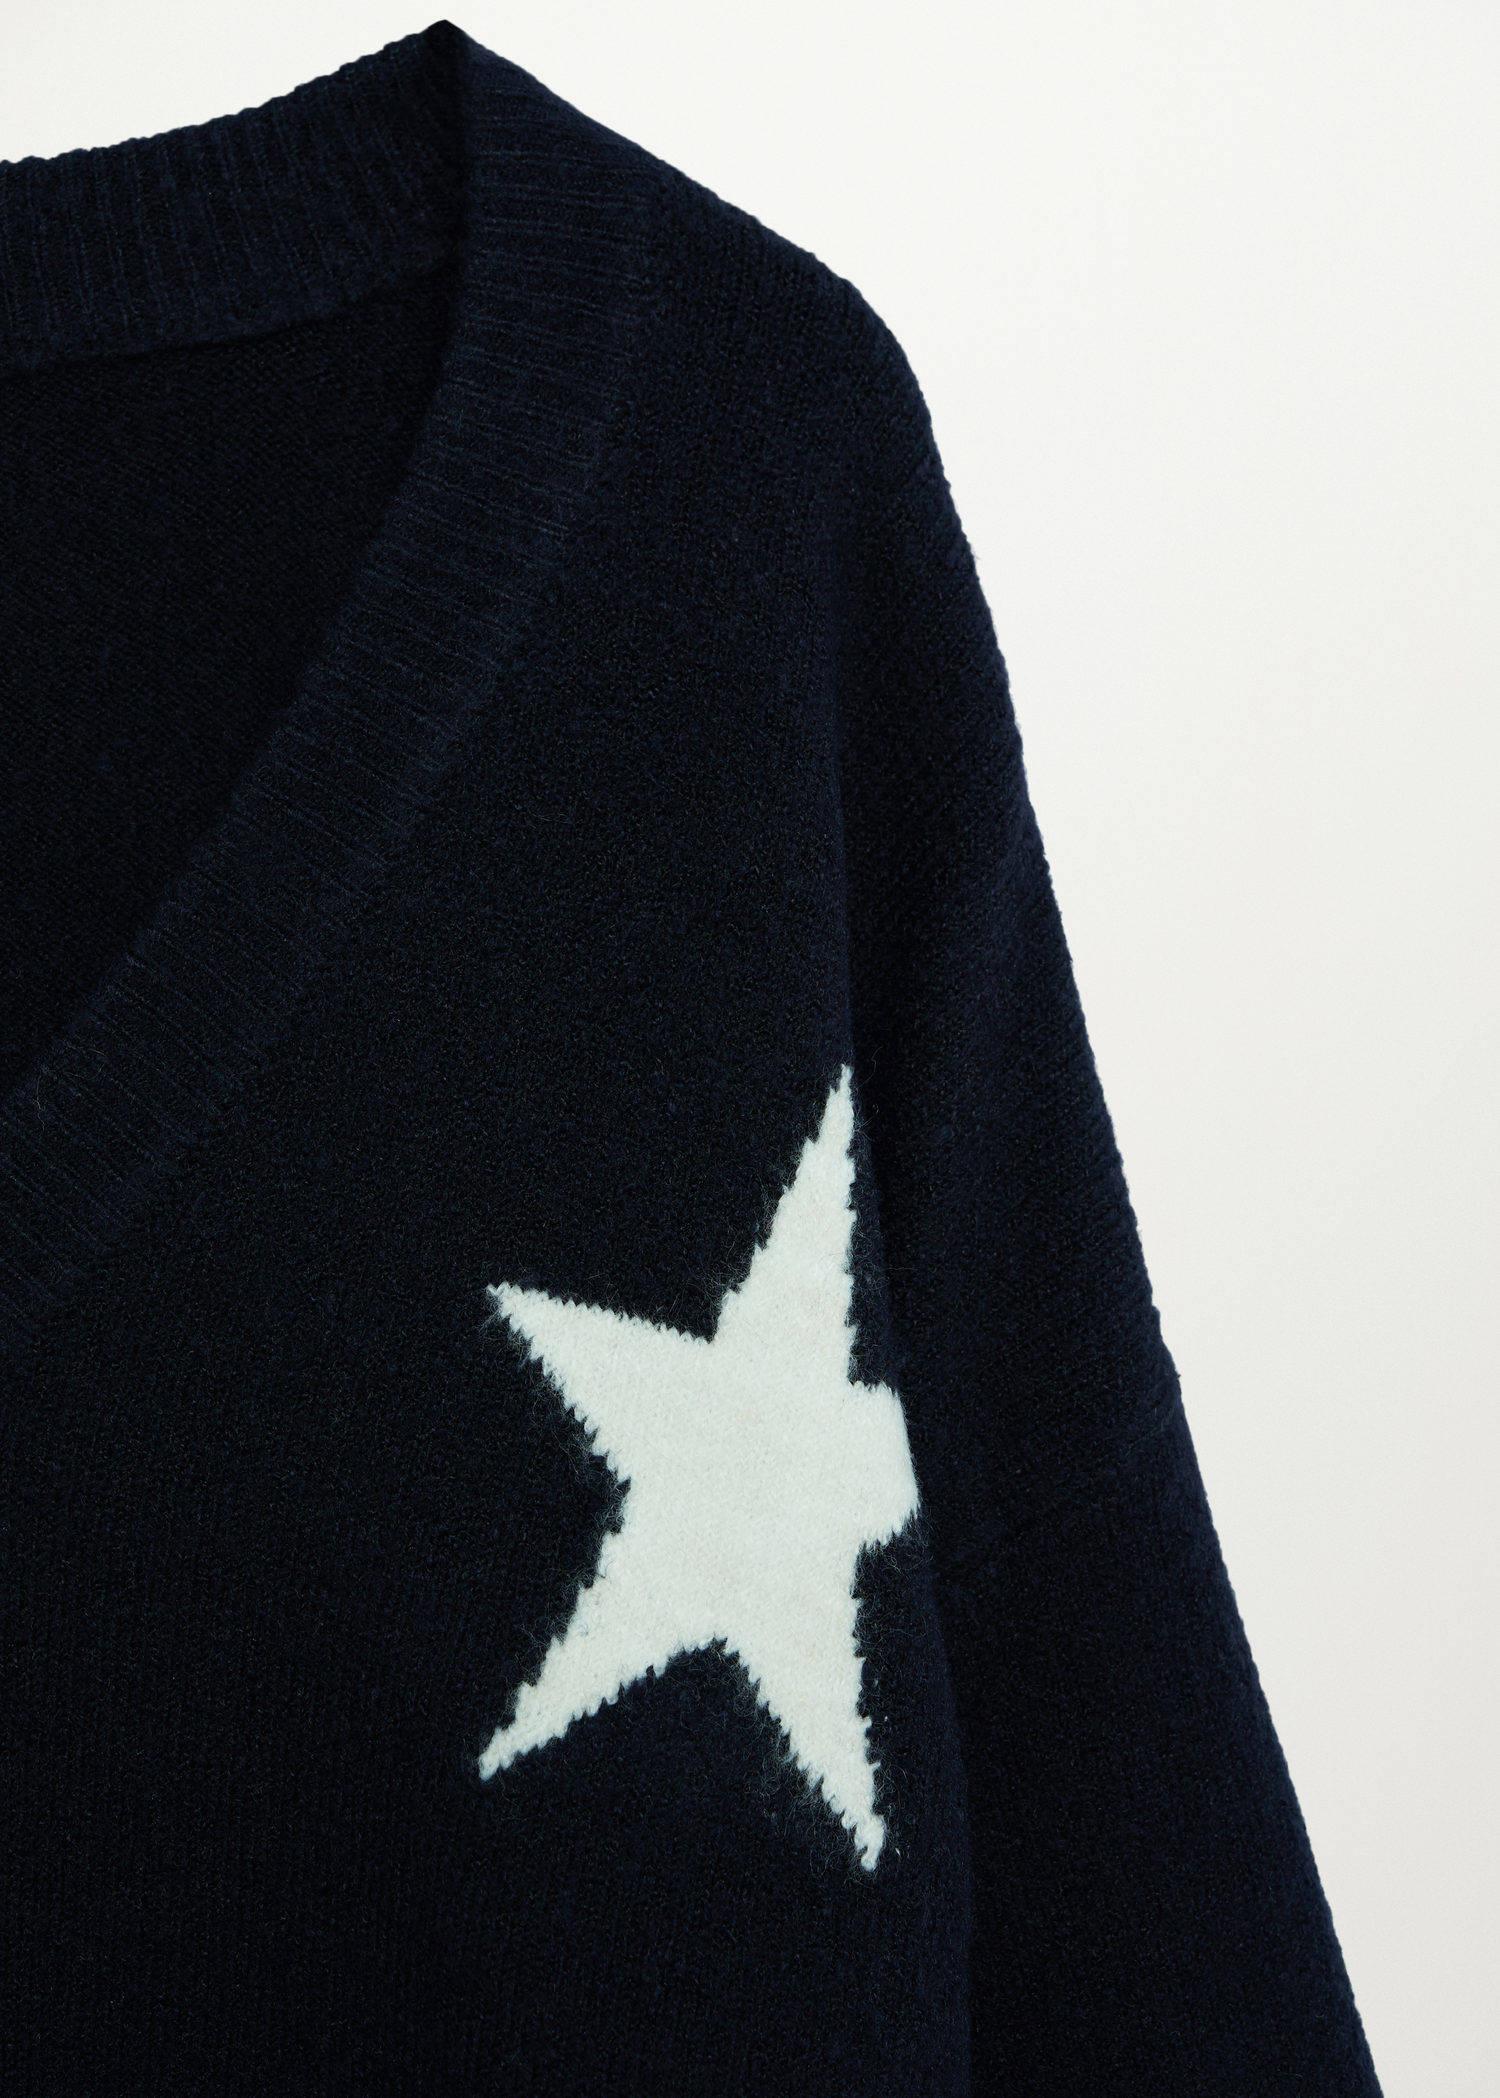 Sterren truien kopen? | BESLIST.nl | Nieuwe collectie